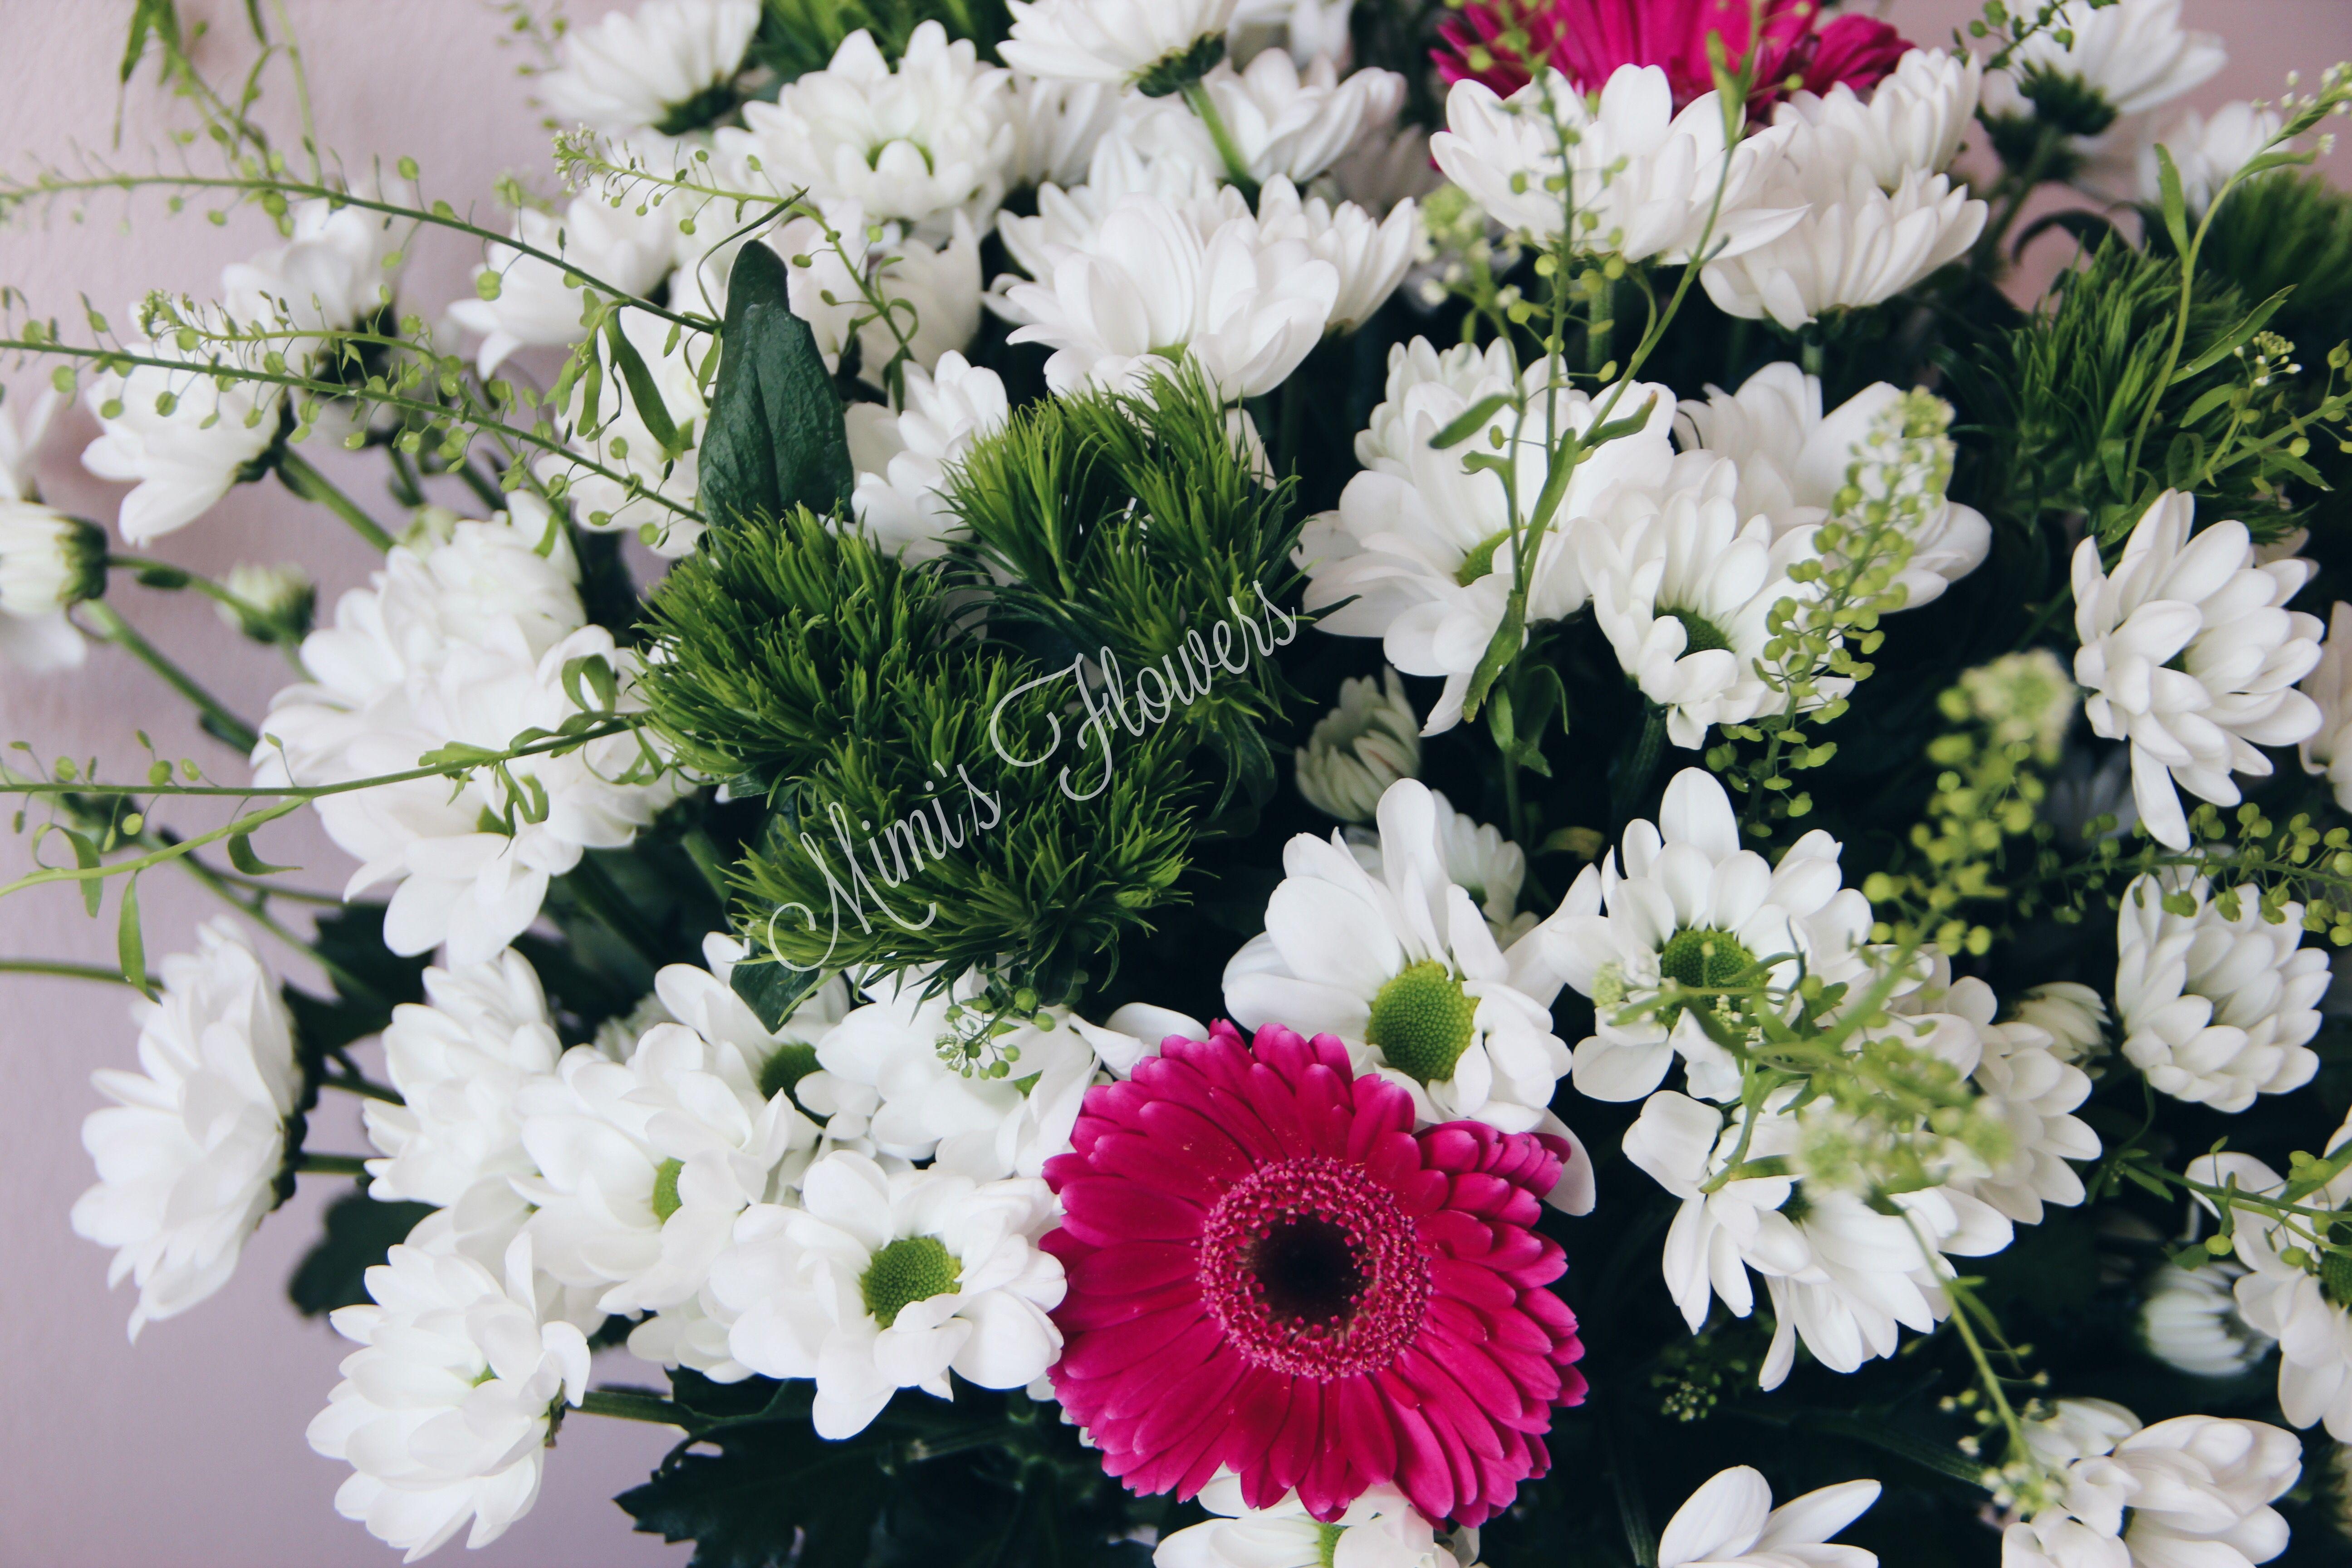 Bei Uns Konnt Ihr Frische Strausse Bestellen Wir Liefern Sie Kostenlose Euch Nach Hause Bestellt Ihre Blumen Auf Die Bequemste We Blumenstrauss Blumen Strauss